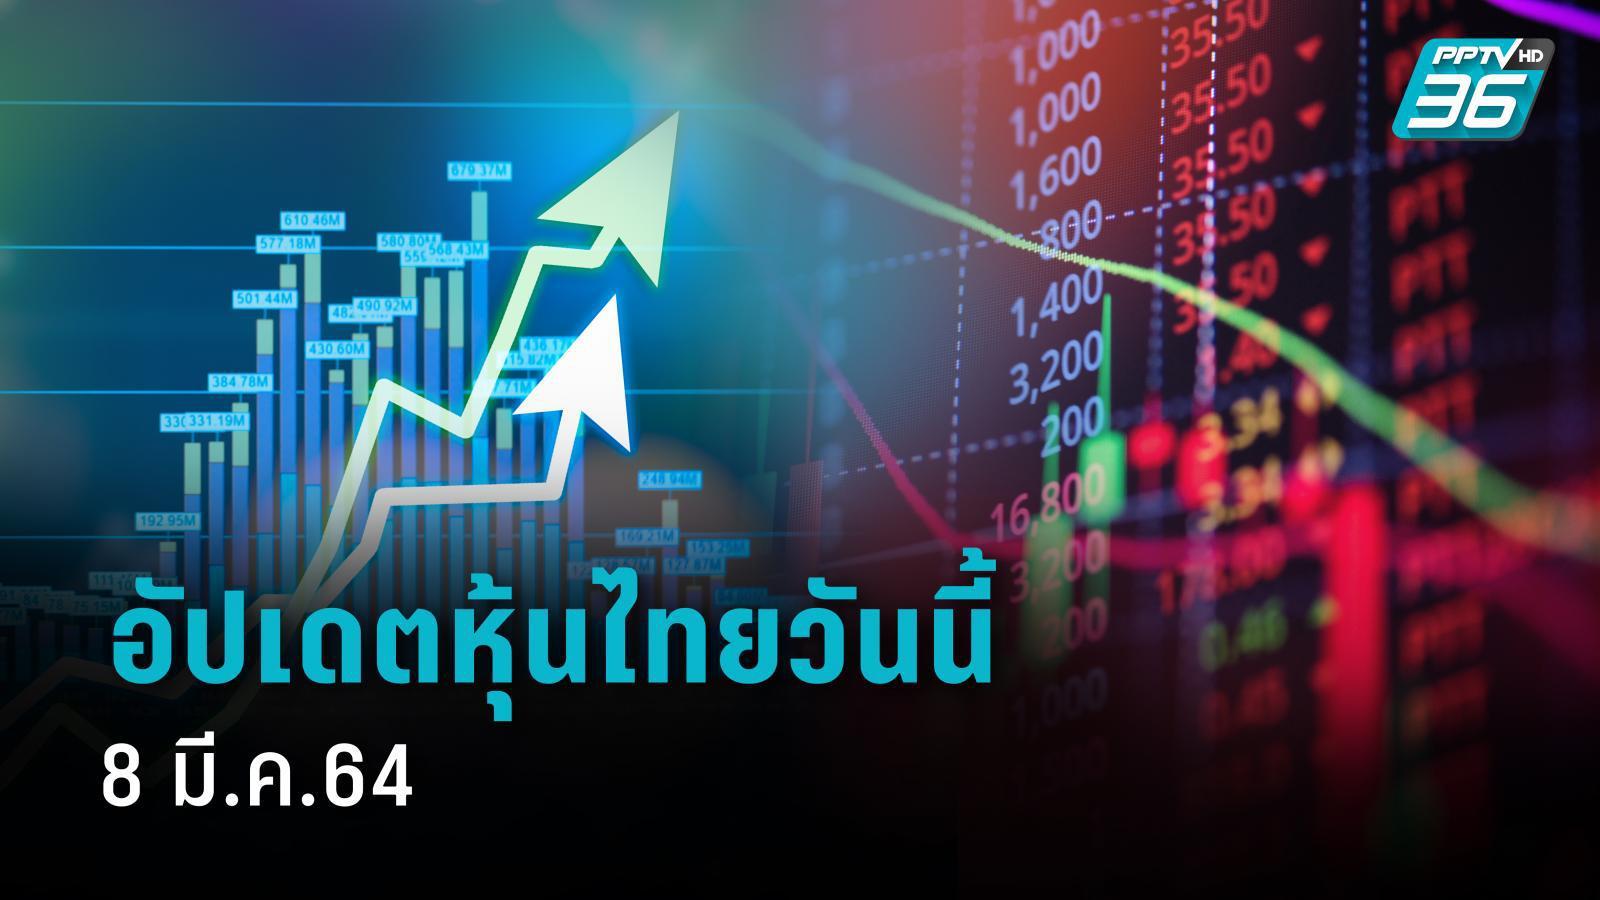 หุ้นไทย (8 มี.ค.64)  ปิดการซื้อขาย 1,543.76 จุด ปรับลง -0.35 จุด พร้อม สรุปภาพรวม SET Index เดือน ก.พ.64